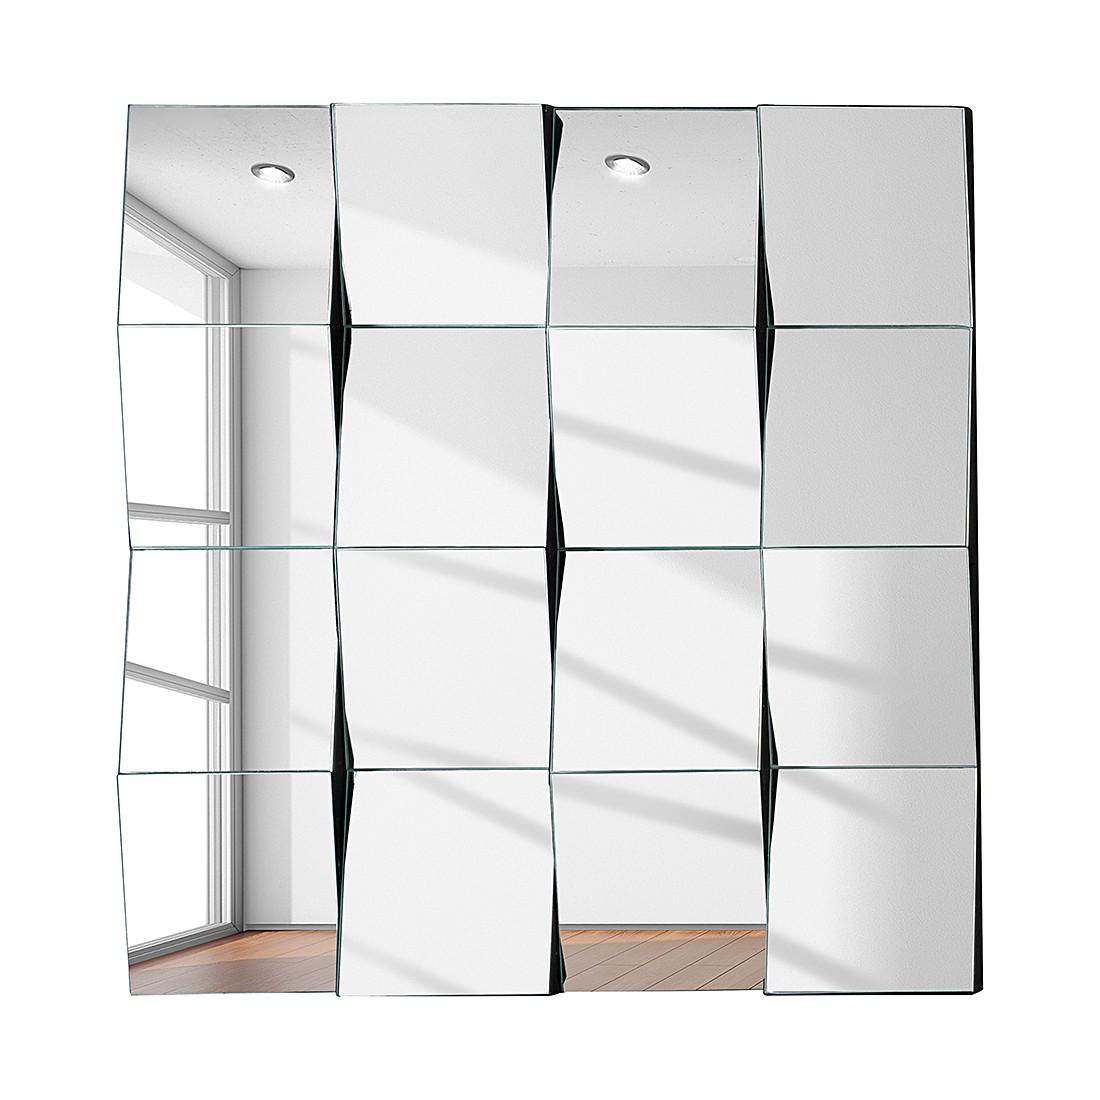 Spiegel Krösus I – 60 x 60 cm, roomscape günstig bestellen